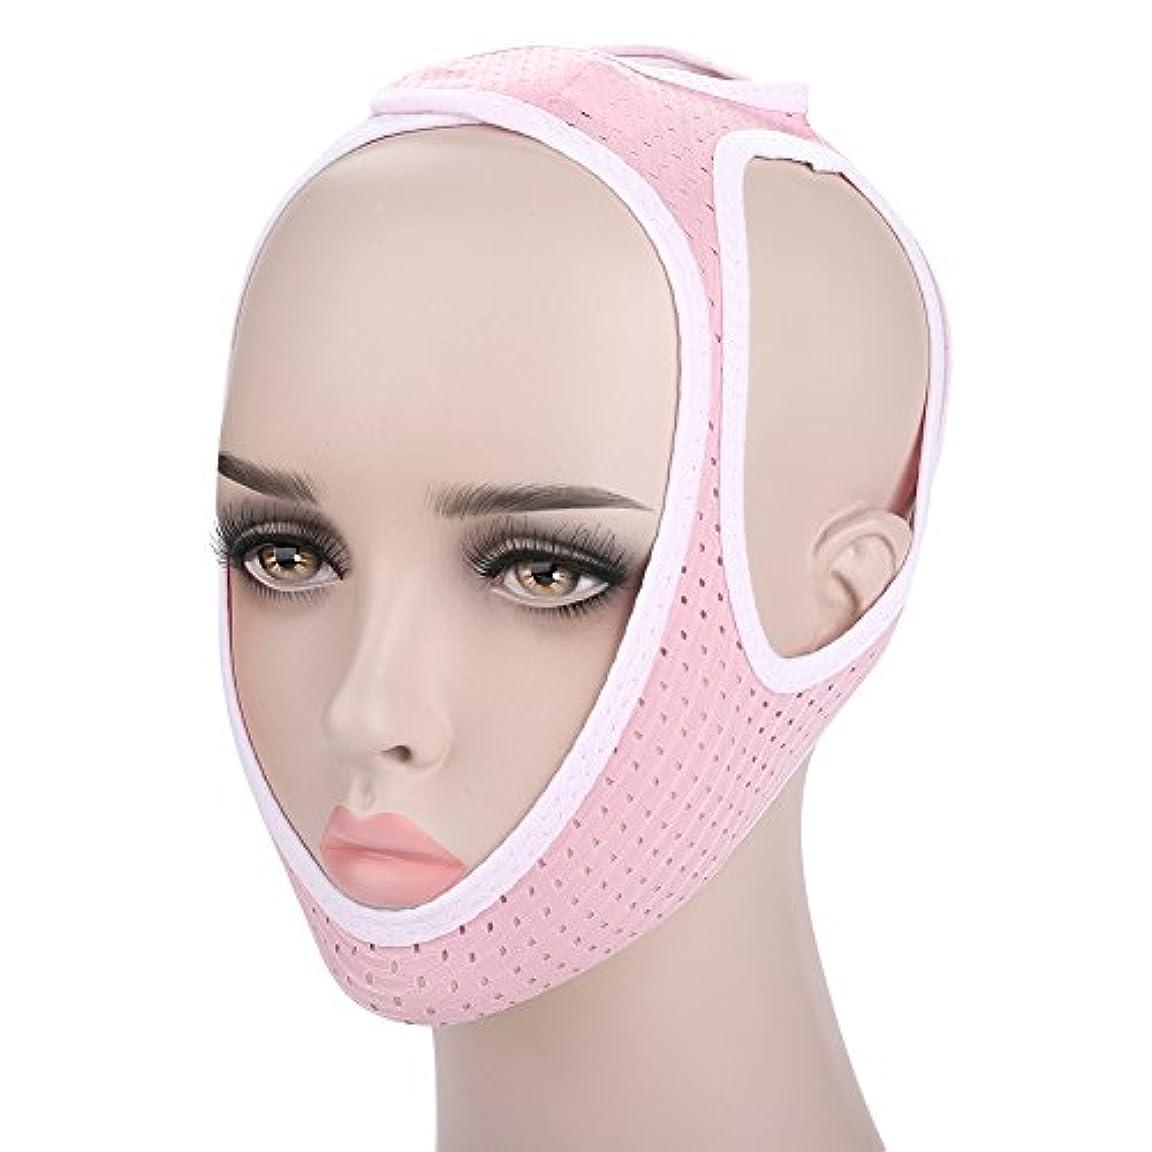 必須けがをする金銭的小顔 顎リフト 小顔マスク フェイシャルスリミングマスク グッズ フェイス マスク 顔の包帯スリ 小顔ベルト男女兼用 (M)